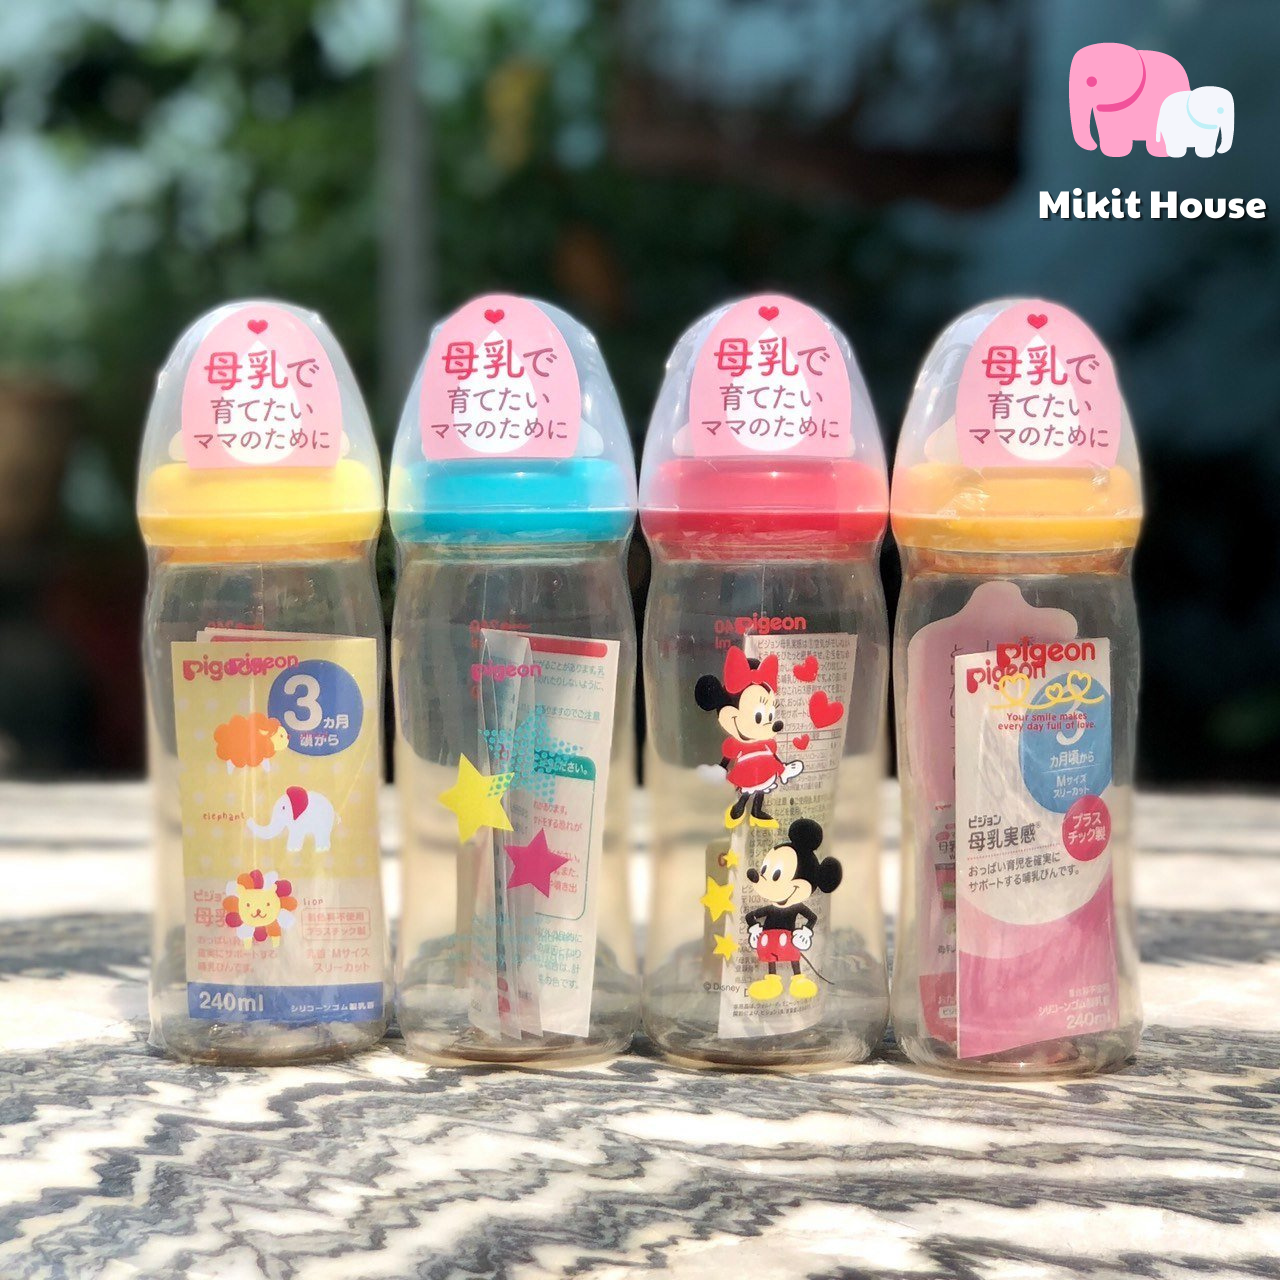 Bình sữa cho bé Pigeon 160 / 240ml nội địa nhật – Chất liệu PPSU – [Mikit-House]